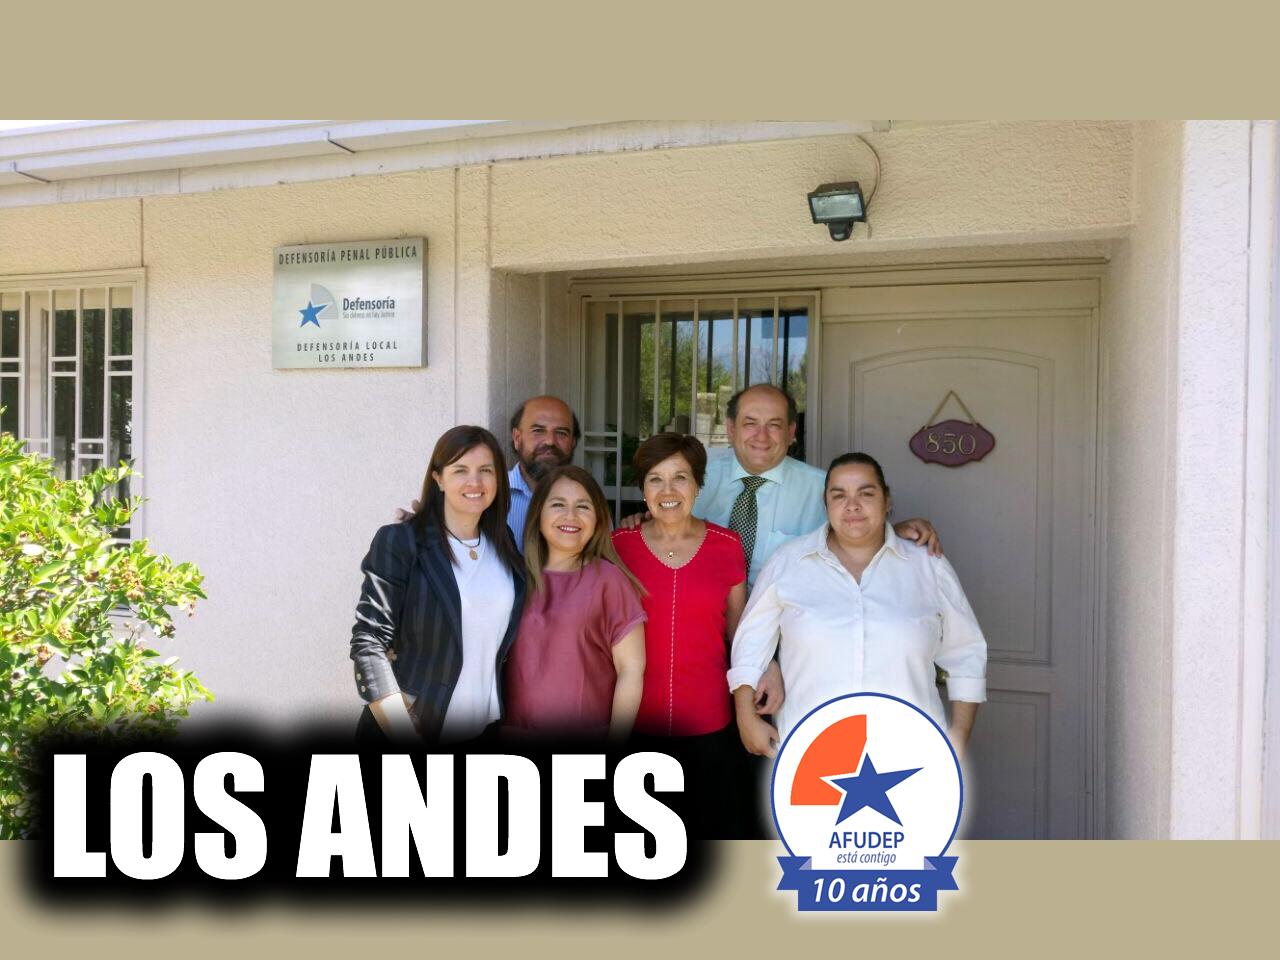 Directorio AFUDEP visita regionales Los Andes, San Fernando y Curicó - 06 Diciembre 2017